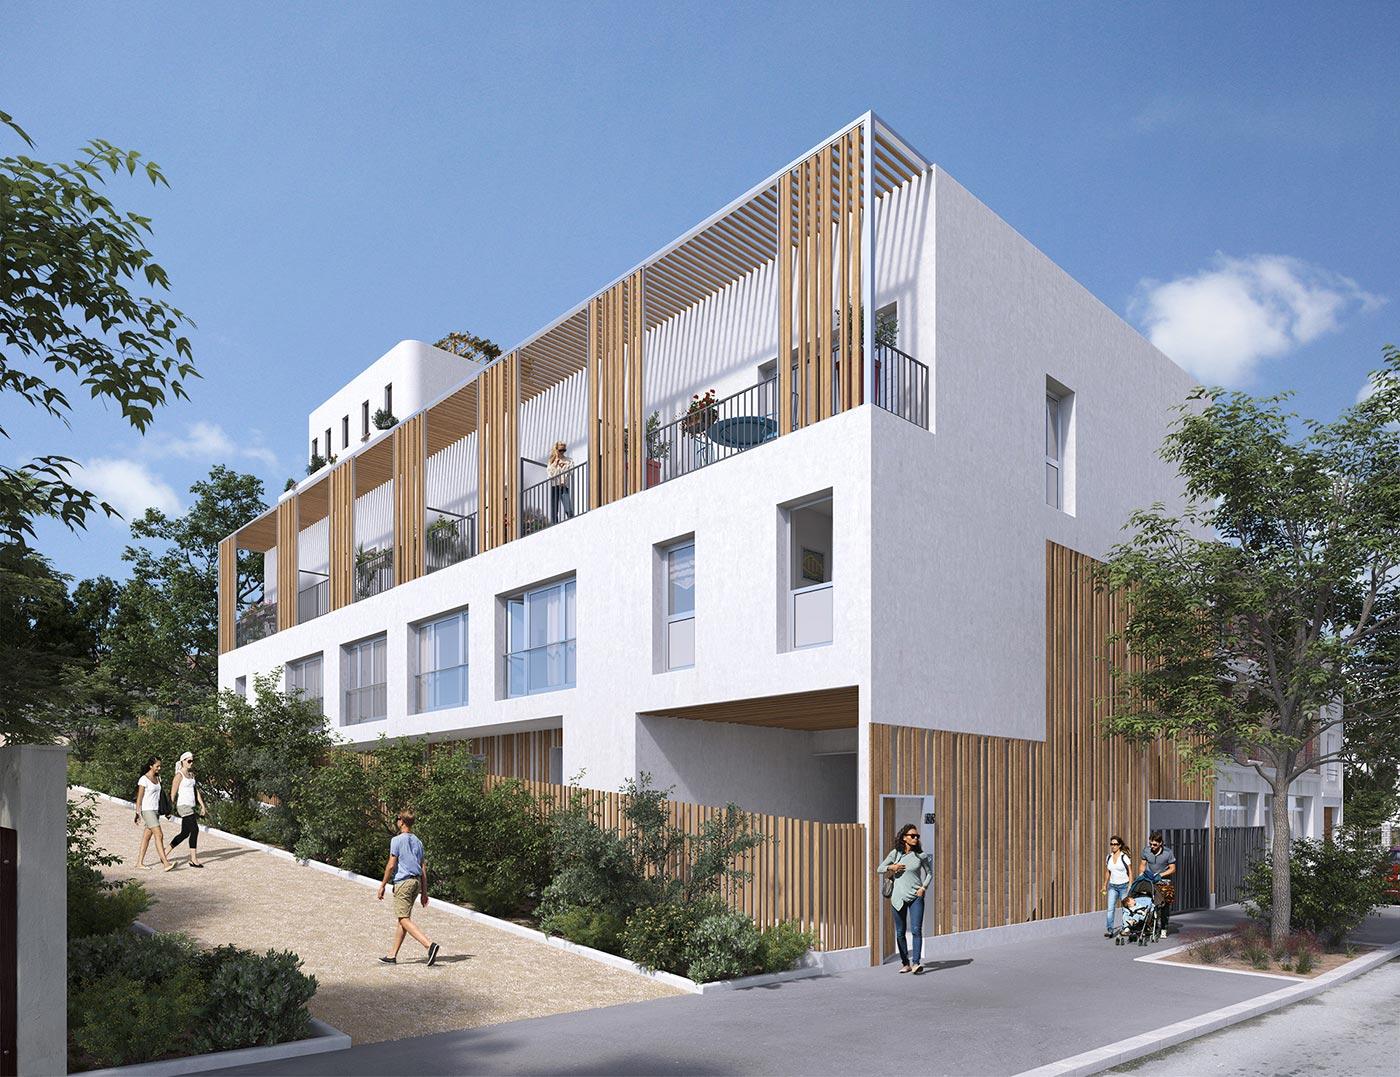 Immeuble Quartz du programme immobilier Variations à Vitry-sur-Seine